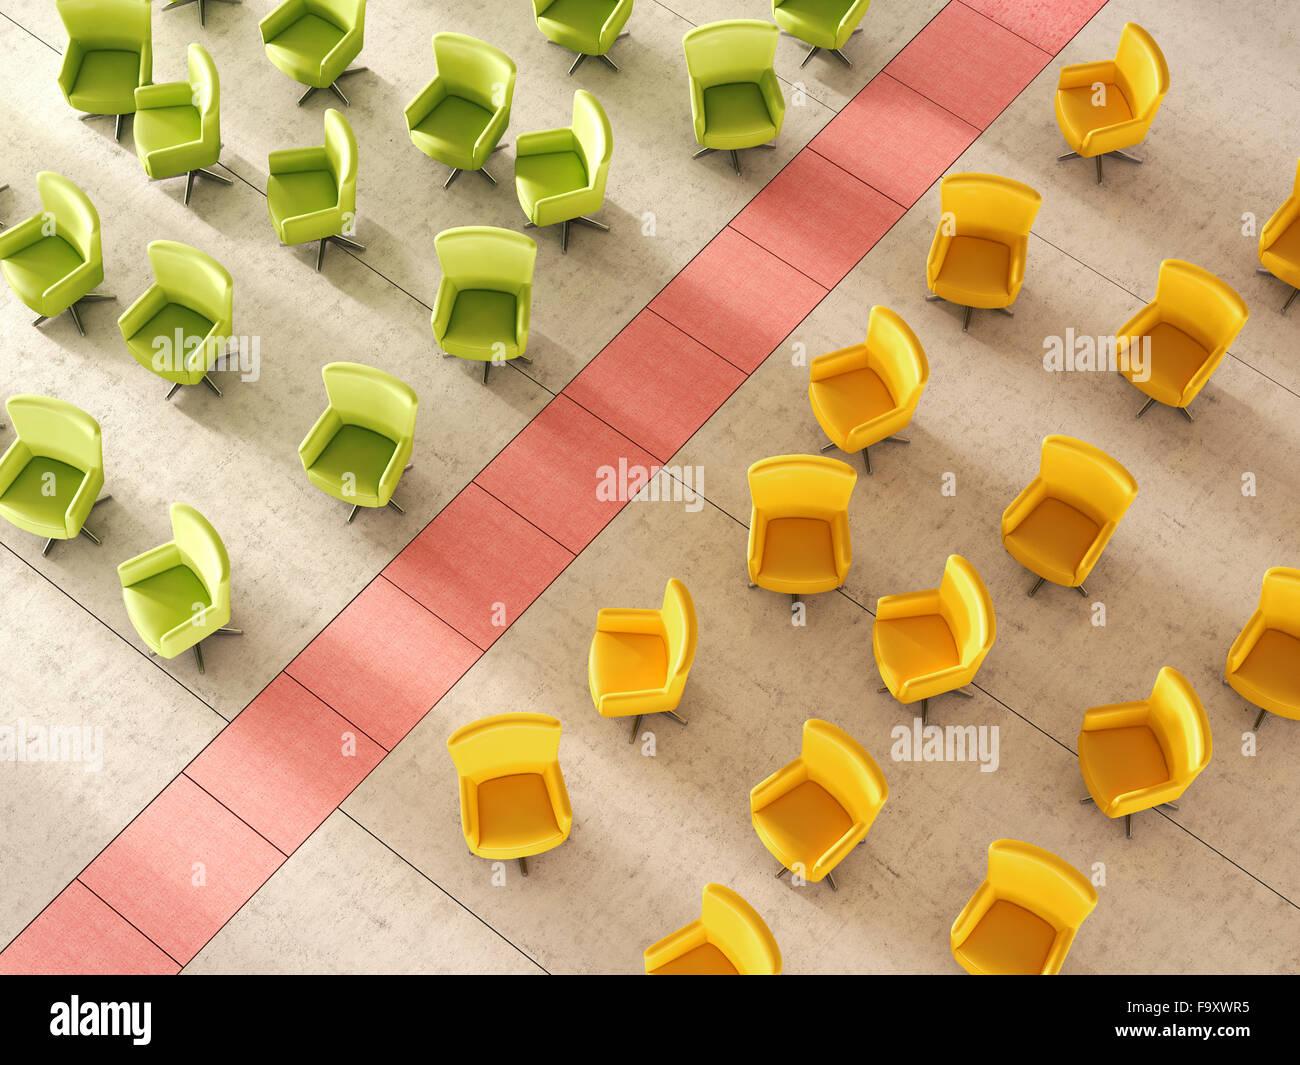 3D Rendering, verde y amarillo silla separados por línea roja Imagen De Stock